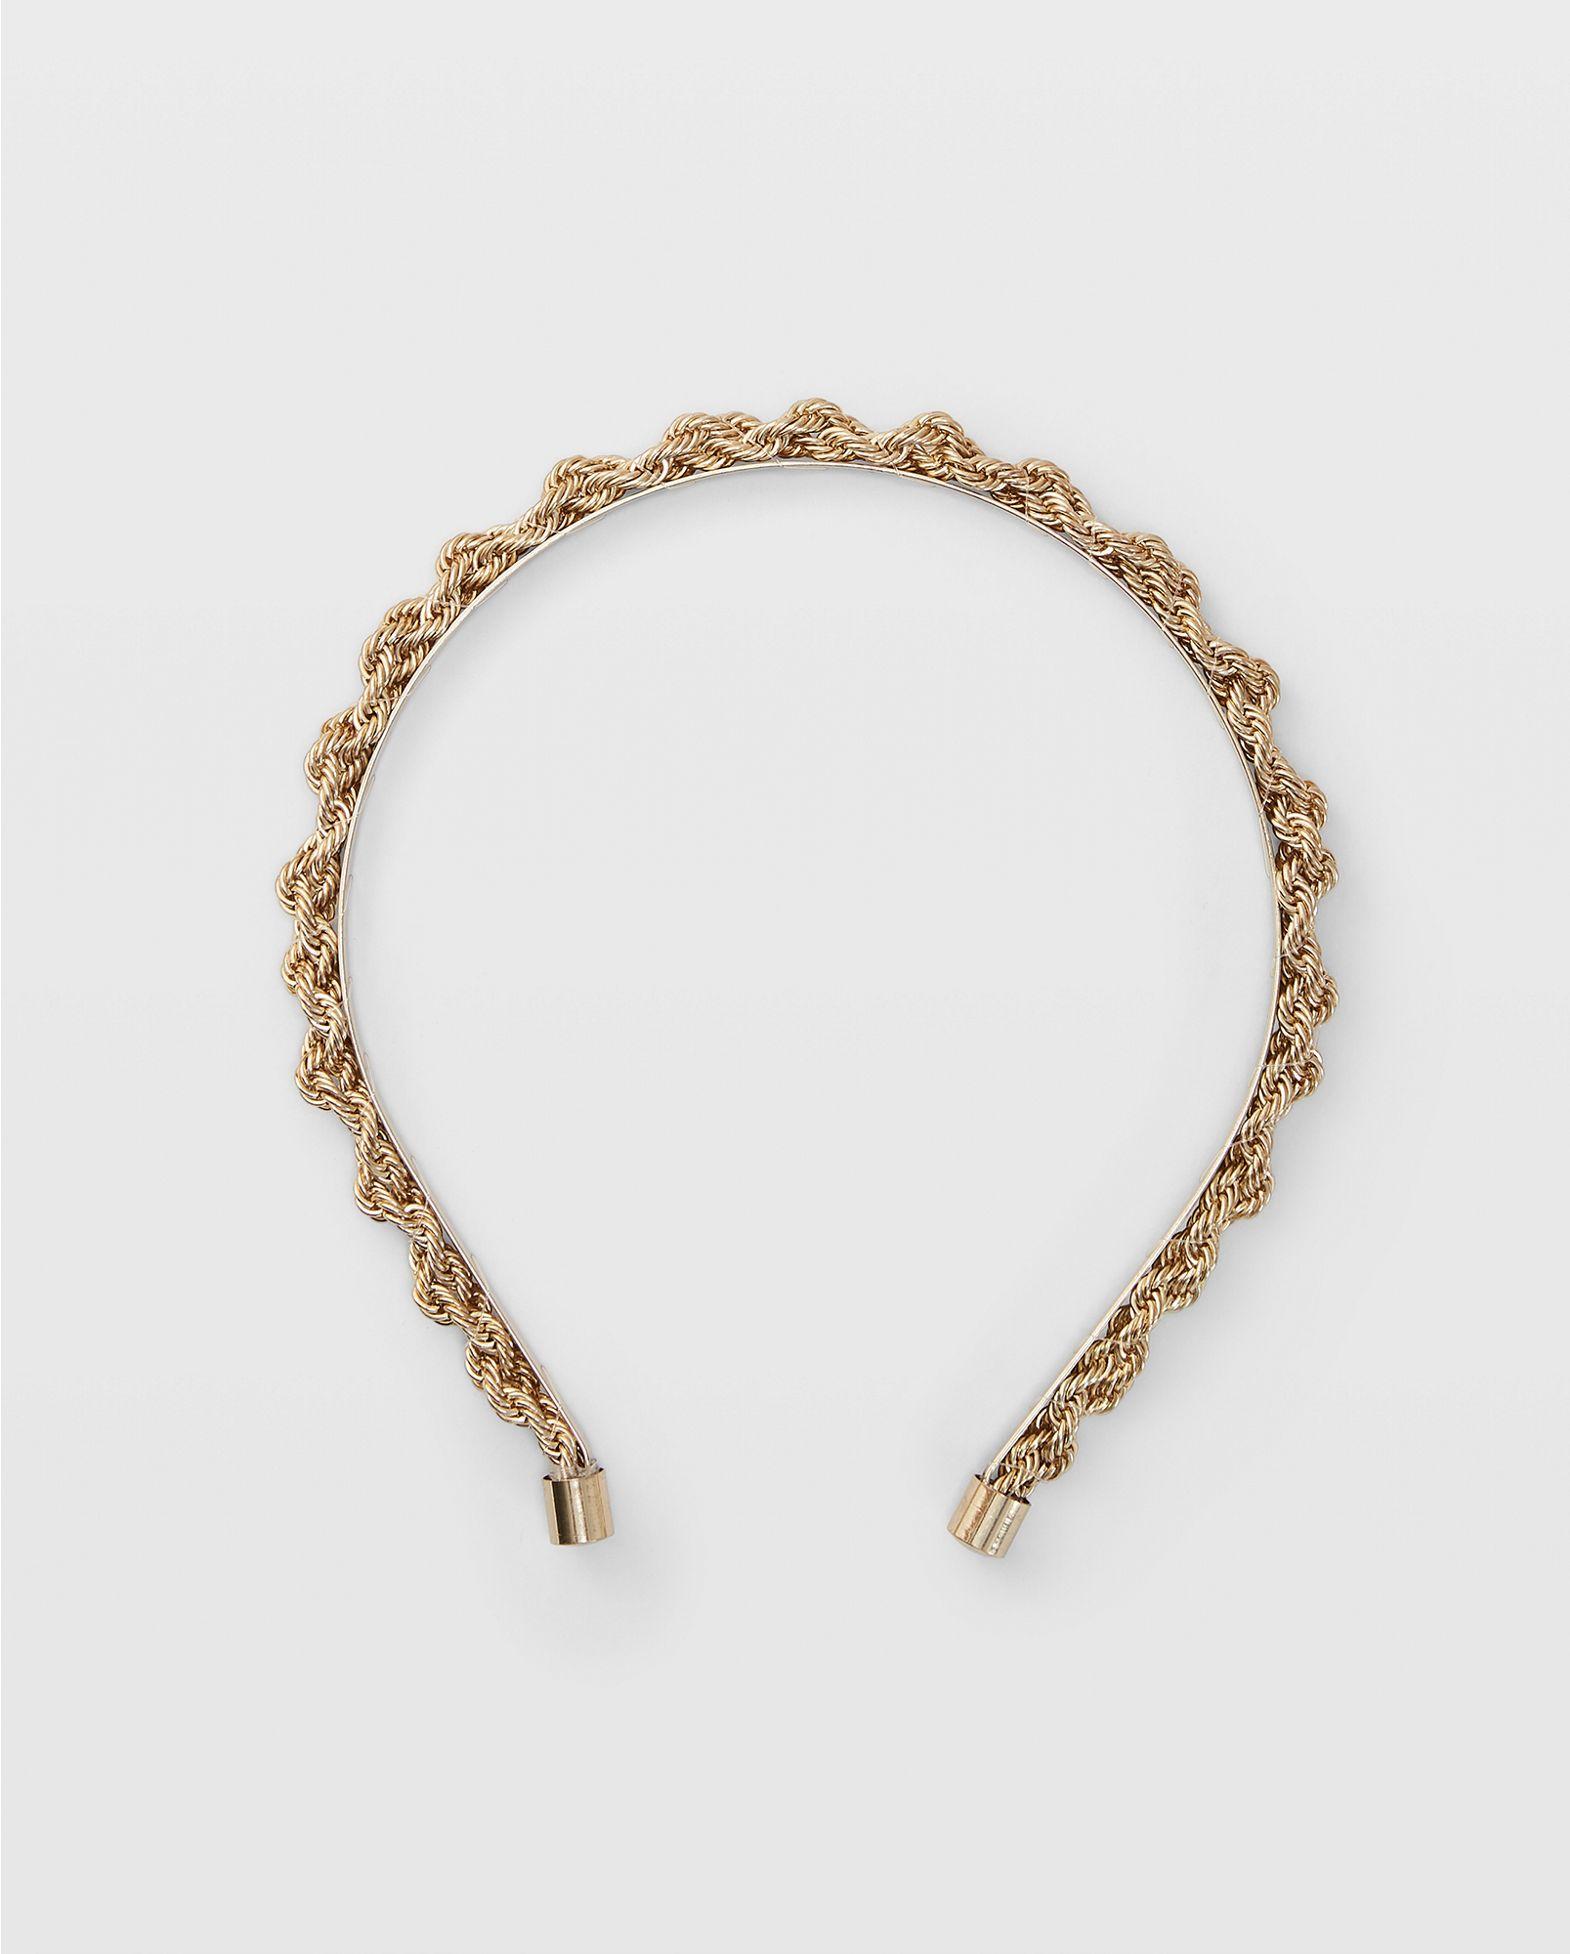 CLUB MONACO Twist Chain Headband